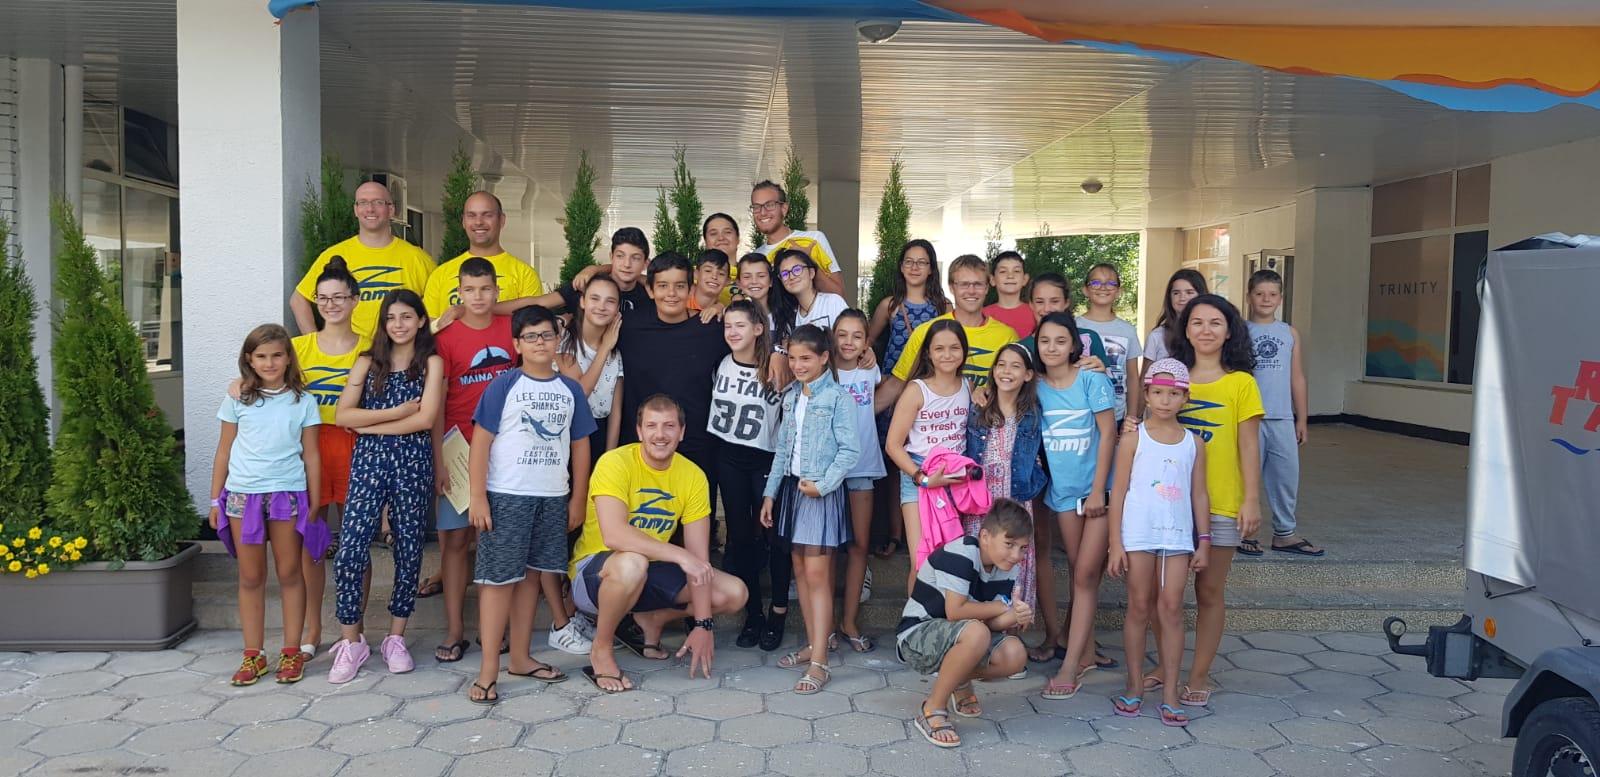 езикови летни лагери за деца Z кемп, Ден 25 - снимка на цялата група деца и учители